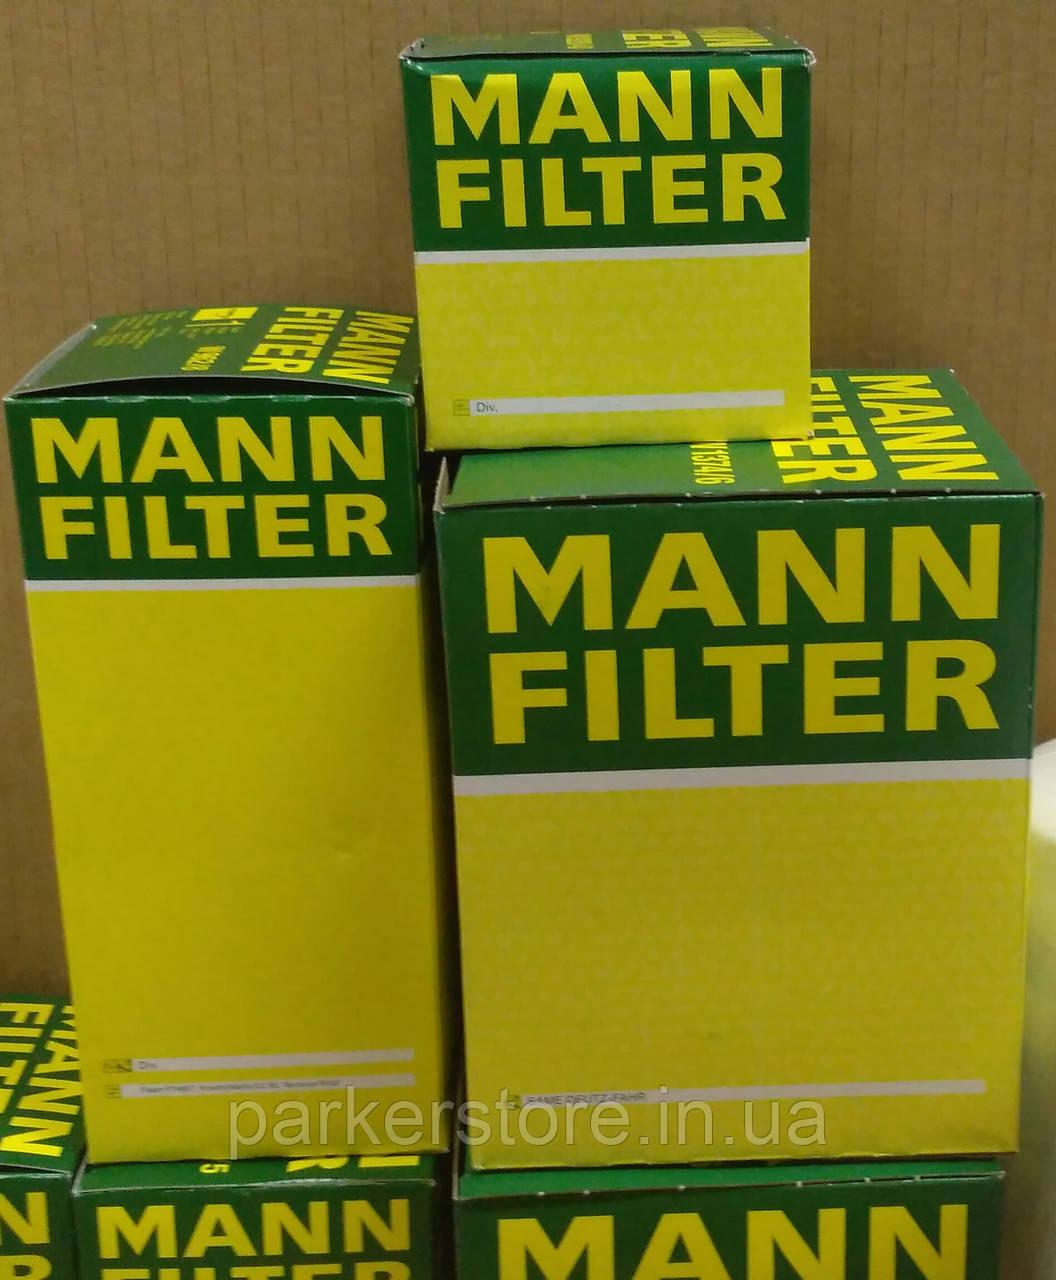 MANN FILTER / Воздушный фильтр / C 24 106 / C24106